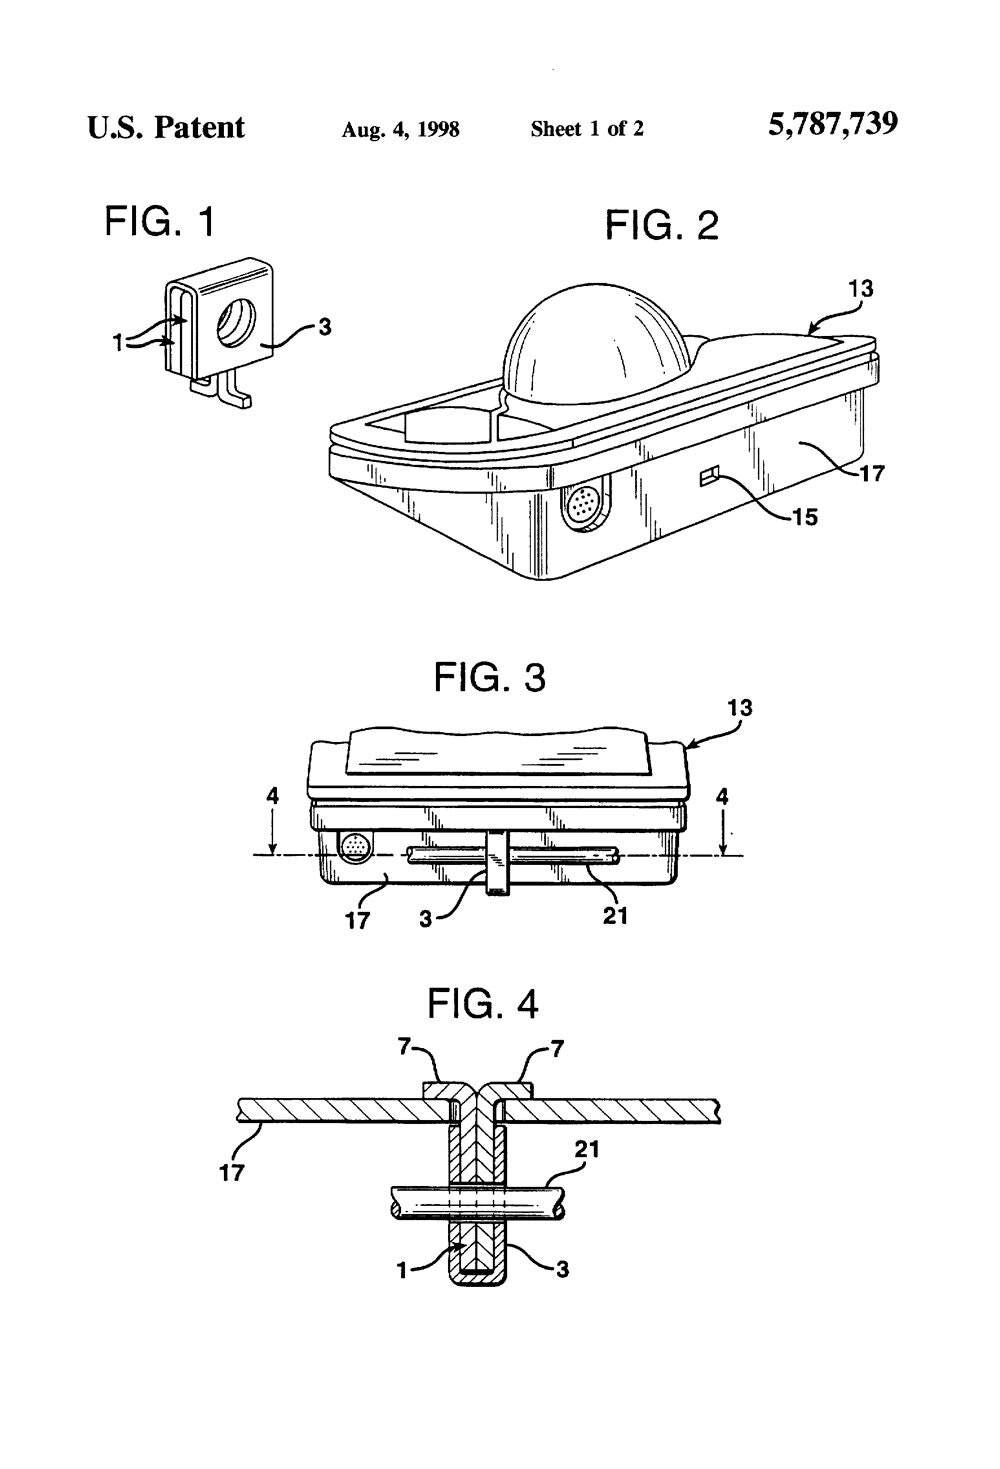 Kensington Slot Patent